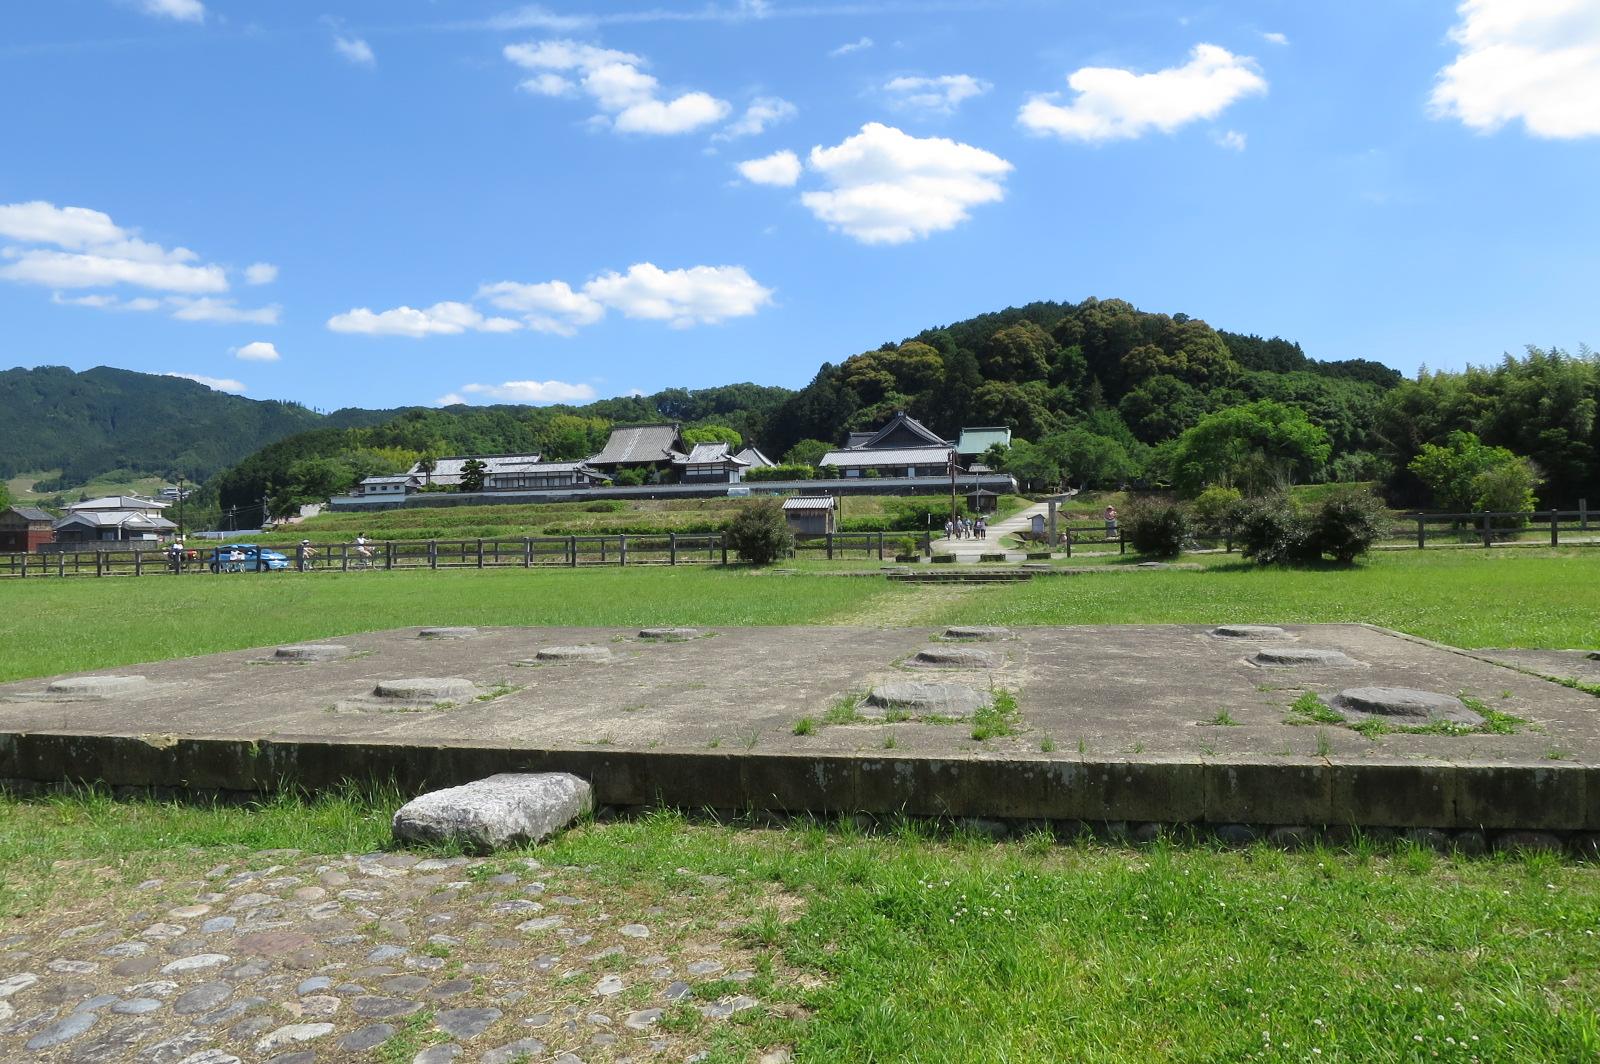 史跡川原寺跡。奥の橘寺の後方に見えるのは橘寺の山号でもある仏頭山。古墳にも見えますね。。。